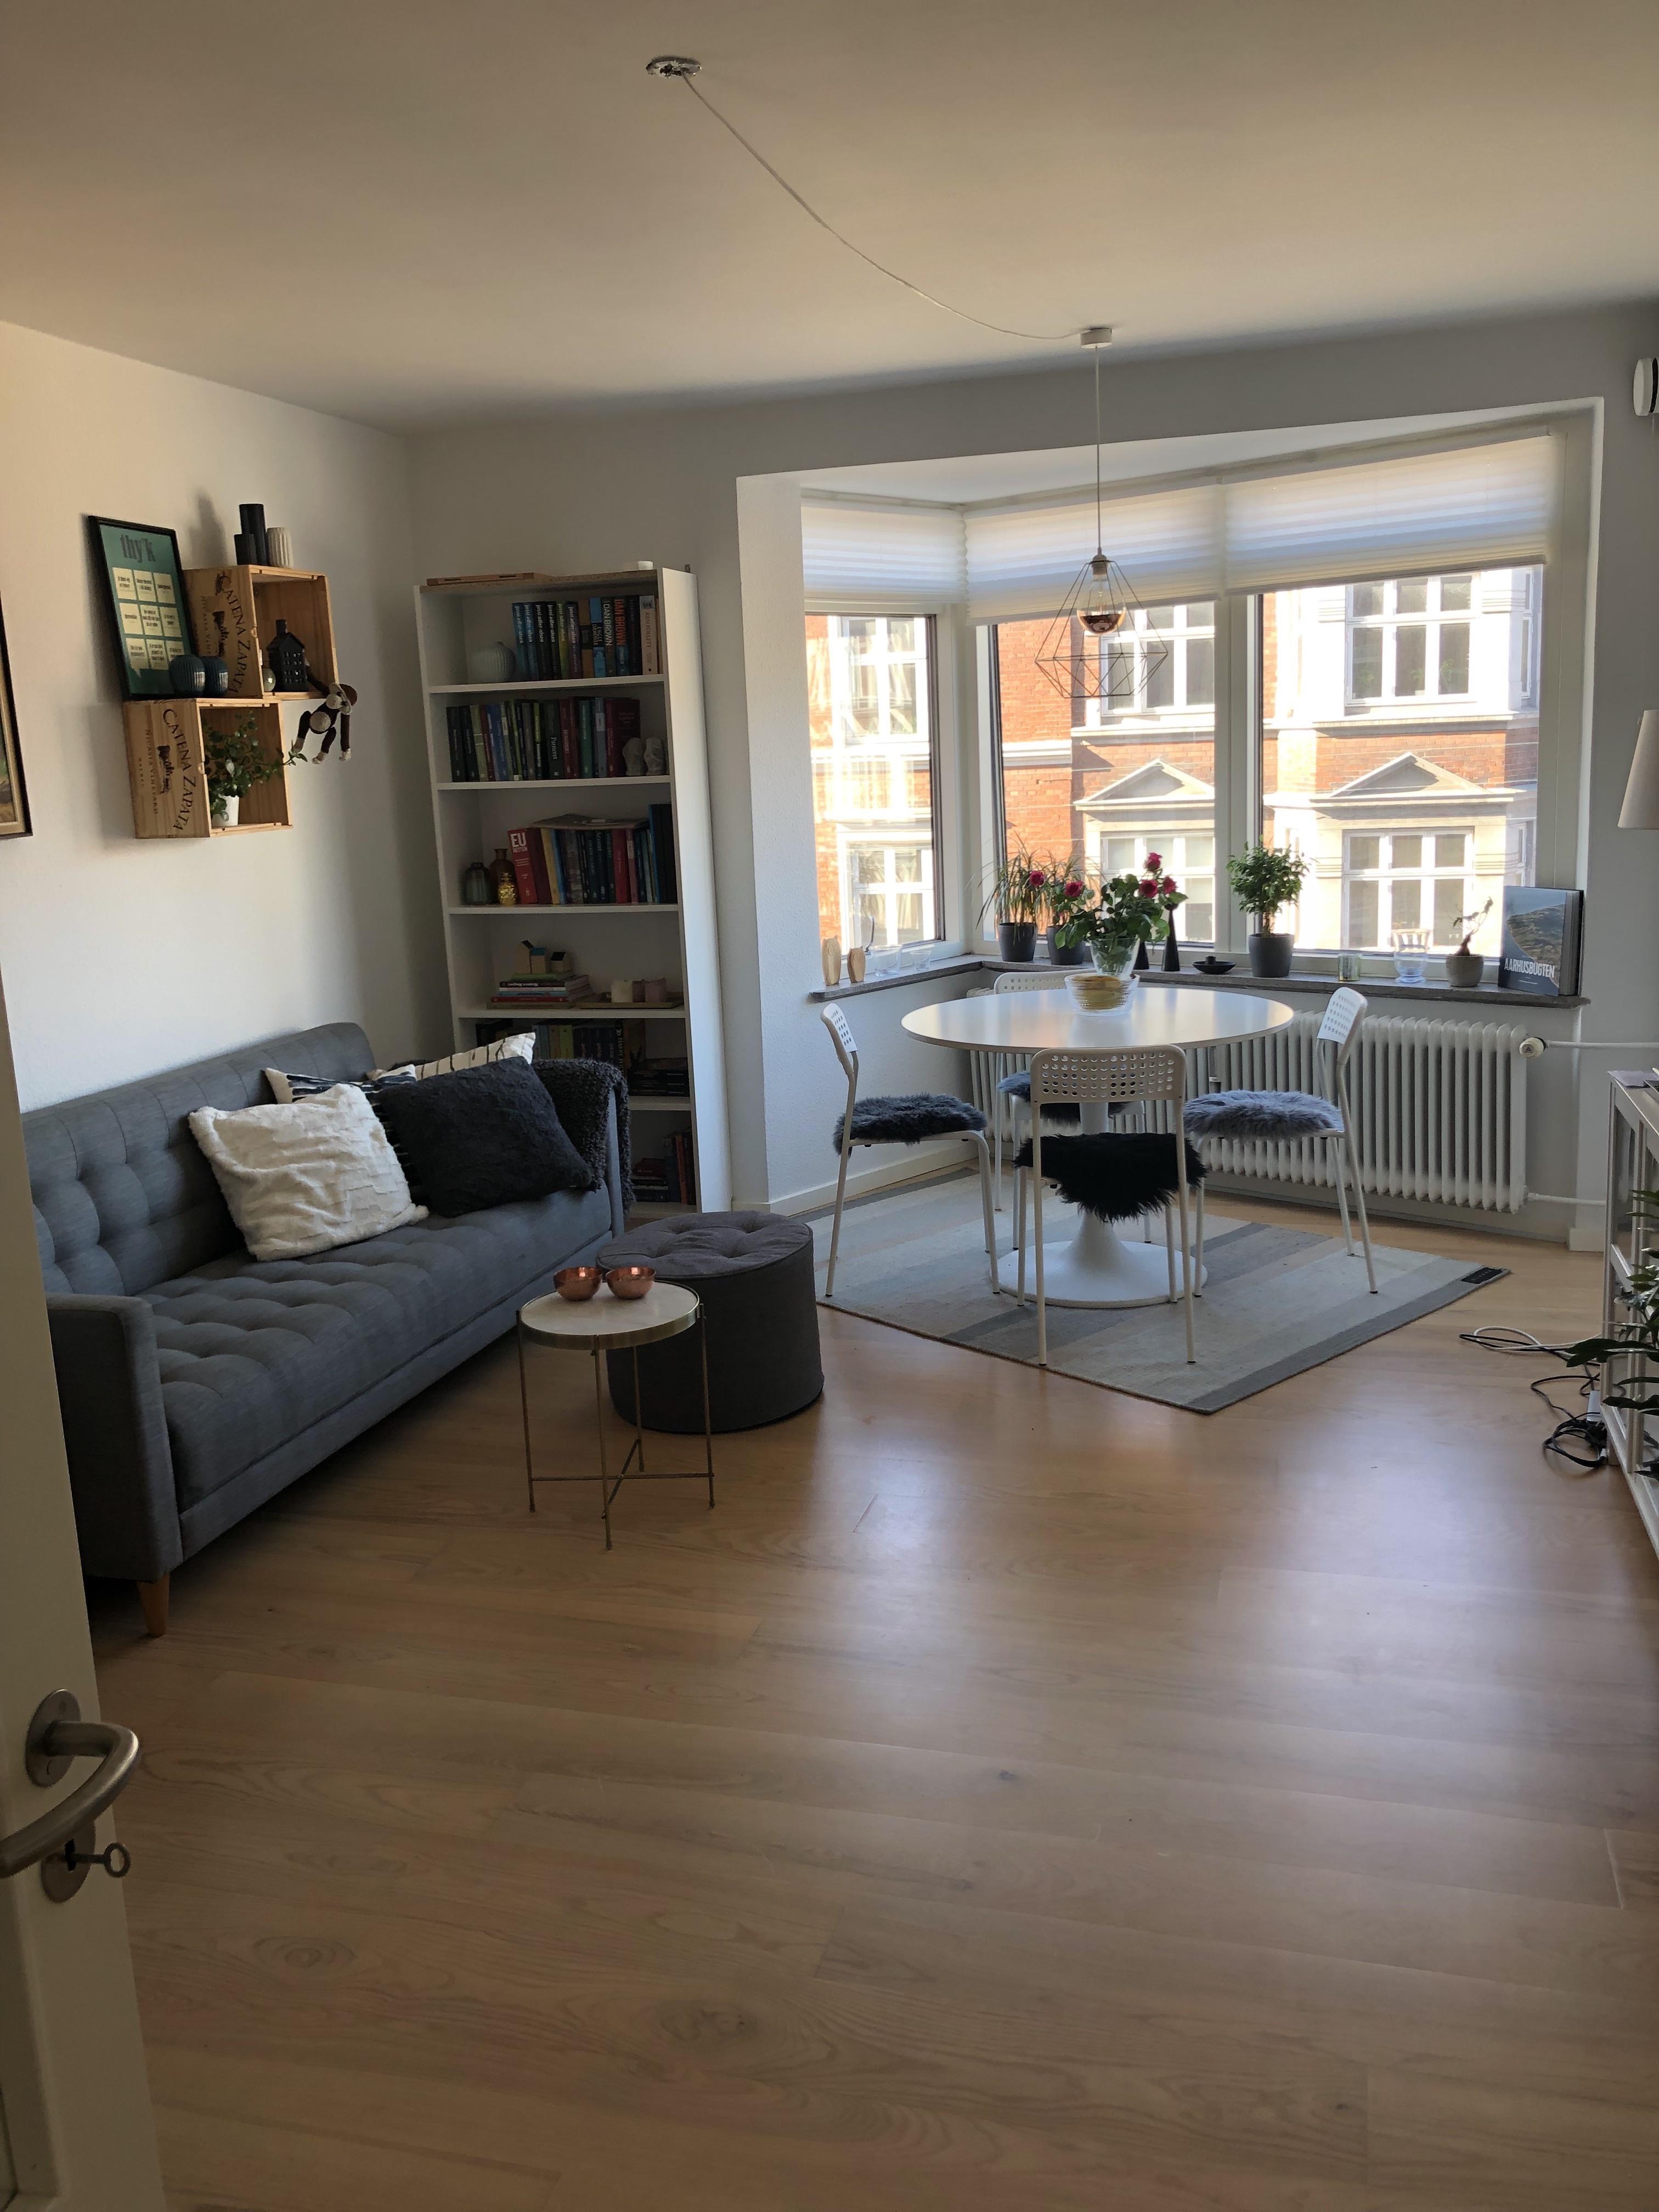 Roomie søges til 3-værelses lejlighed i Aarhus C